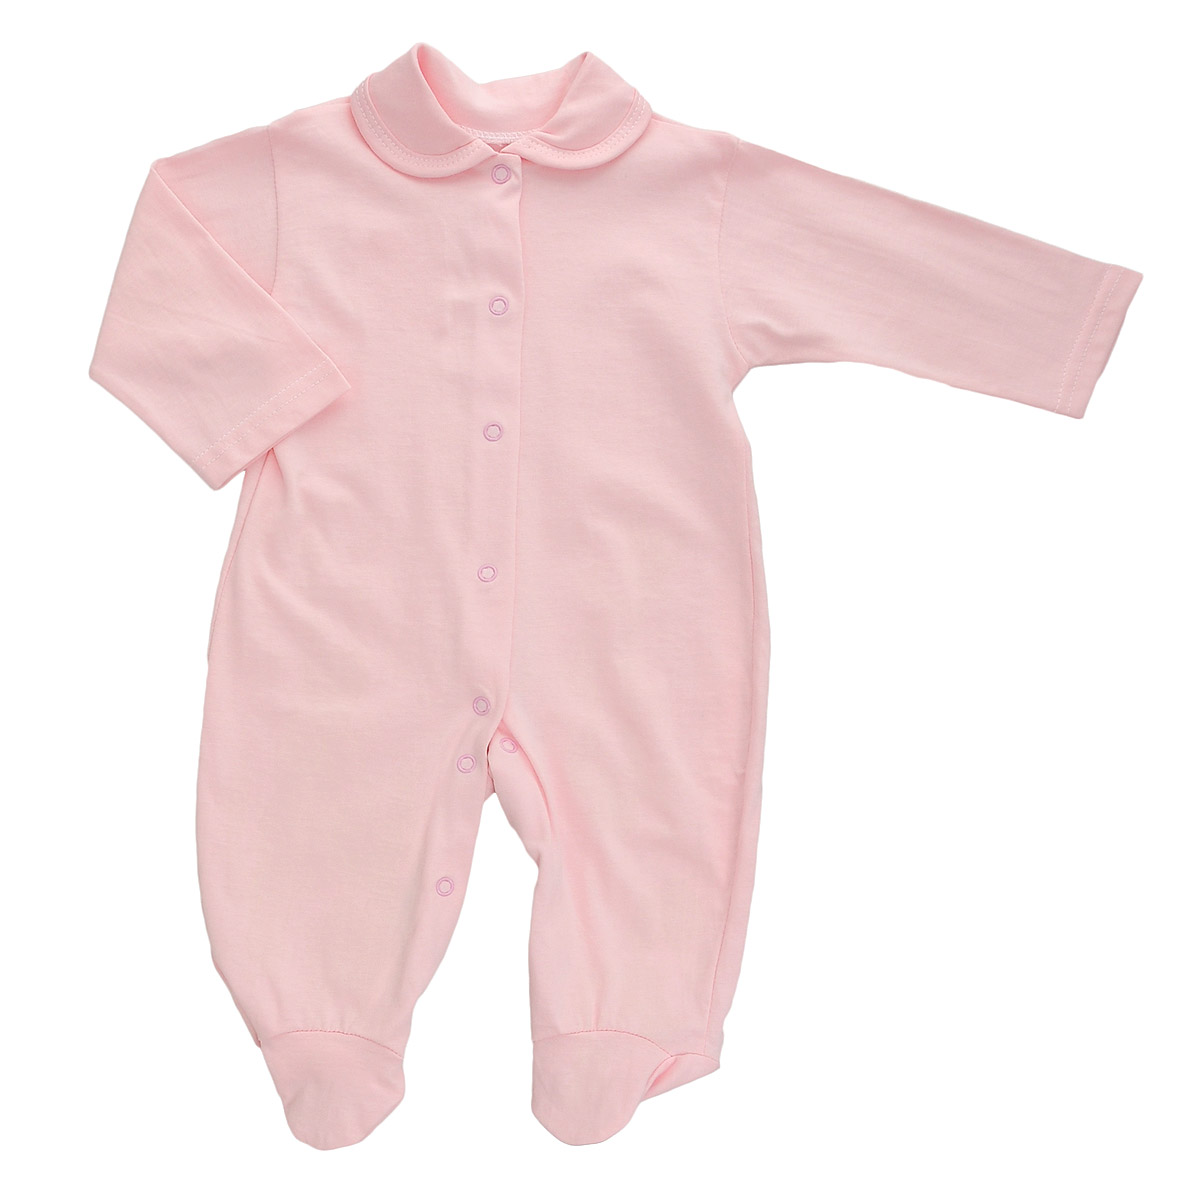 Комбинезон детский Трон-Плюс, цвет: розовый. 5805. Размер 62, 3 месяца5805Детский комбинезон Трон-Плюс - очень удобный и практичный вид одежды для малышей. Комбинезон выполнен из кулирного полотна - натурального хлопка, благодаря чему он необычайно мягкий и приятный на ощупь, не раздражает нежную кожу ребенка, и хорошо вентилируются, а эластичные швы приятны телу малыша и не препятствуют его движениям. Комбинезон с длинными рукавами, закрытыми ножками и отложным воротничком имеет застежки-кнопки от горловины до щиколоток, которые помогают легко переодеть младенца или сменить подгузник. С детским комбинезоном спинка и ножки вашего малыша всегда будут в тепле, он идеален для использования днем и незаменим ночью. Комбинезон полностью соответствует особенностям жизни младенца в ранний период, не стесняя и не ограничивая его в движениях!